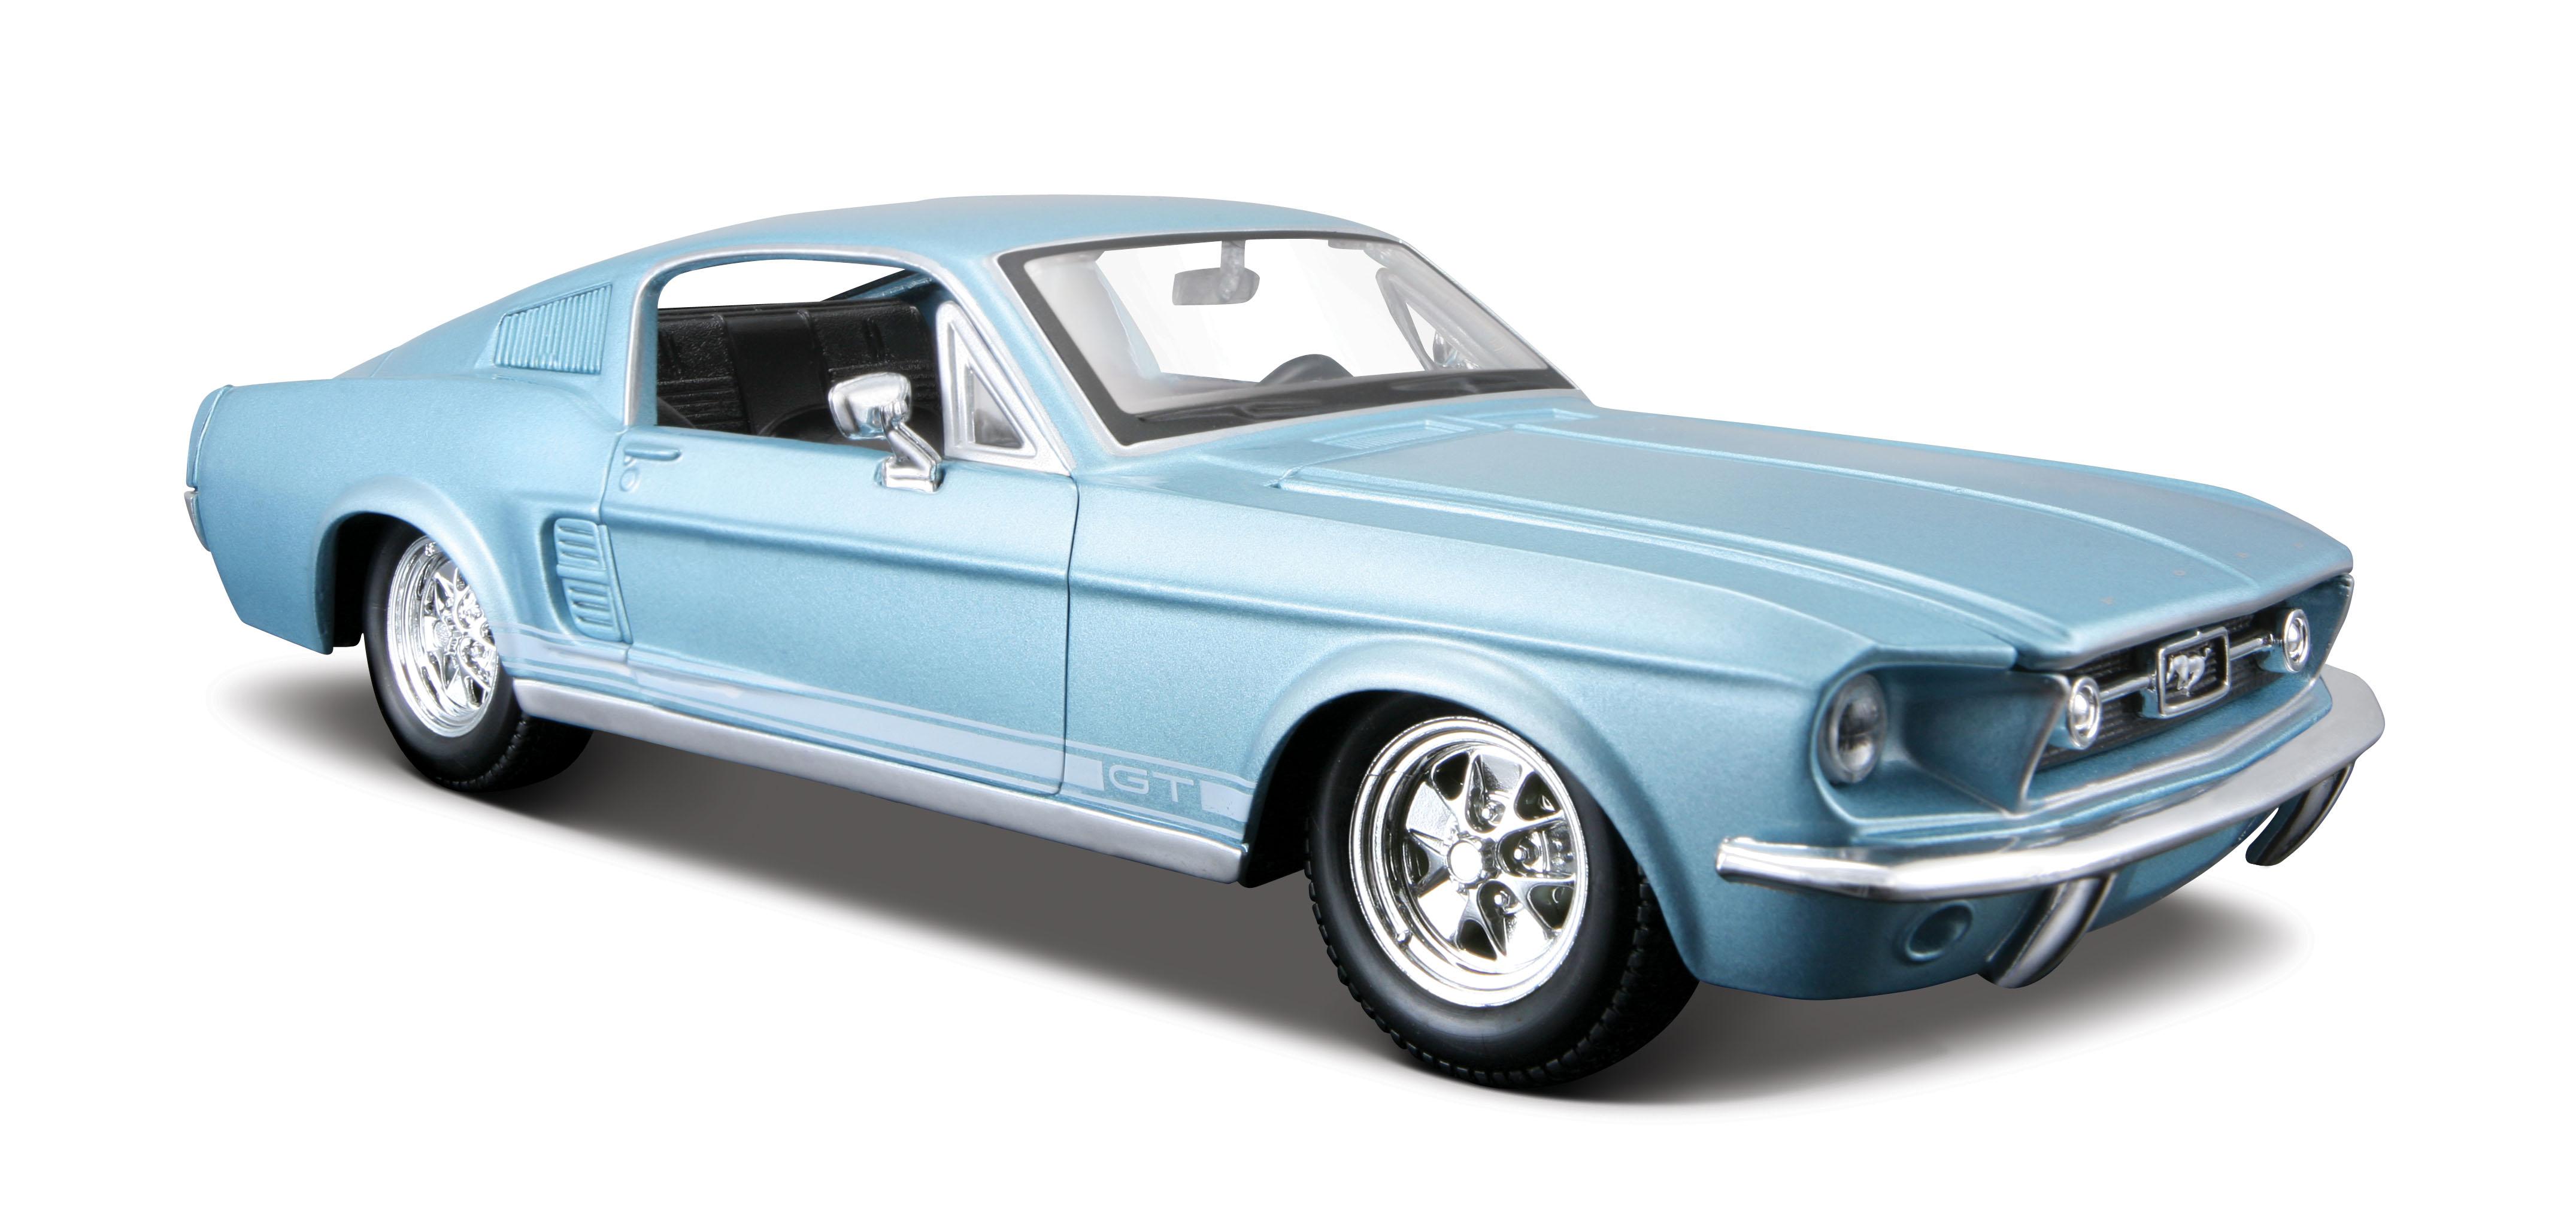 1967 ford mustang gt model cars hobbydb. Black Bedroom Furniture Sets. Home Design Ideas